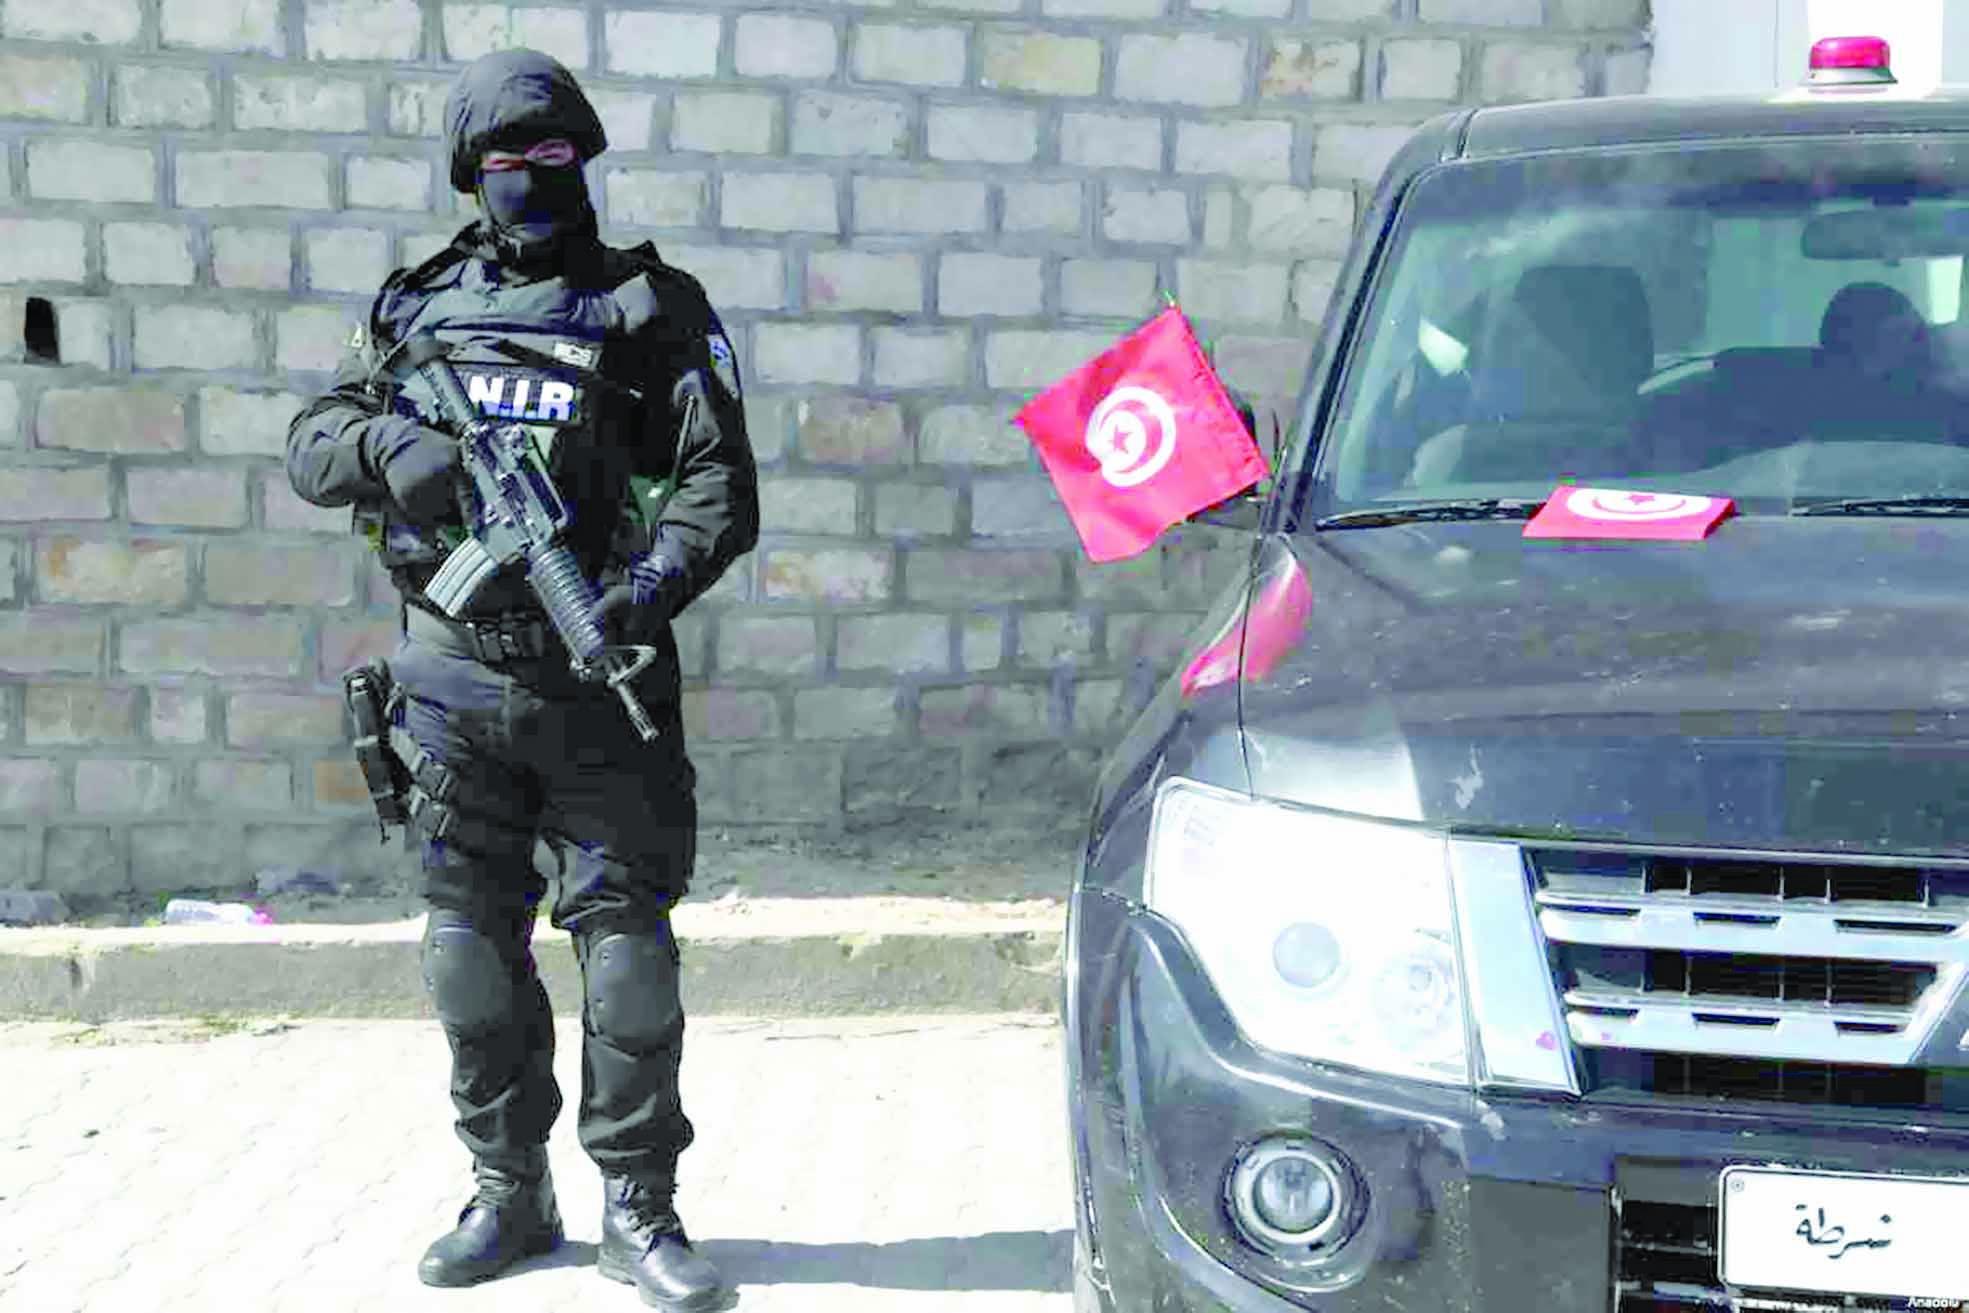 تقرير اخباري تونس تواصل مواجهة الارهاب وسط مخاوف متزايدة من تهديدات امنية